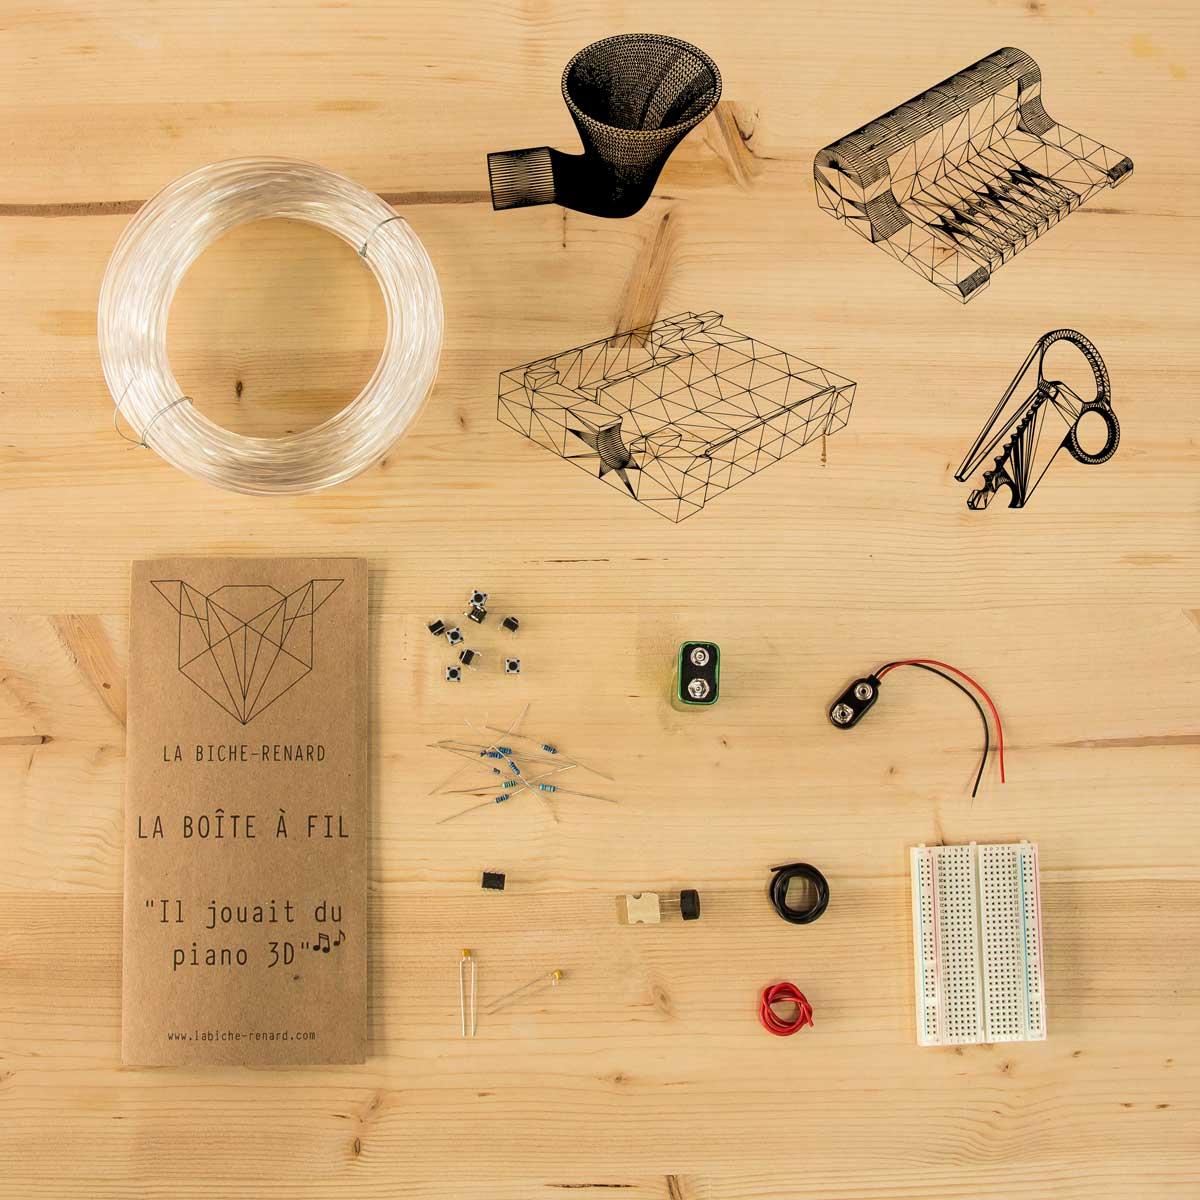 Recevez tout le nécessaire dans votre kit La Boîte À Fil pour fabriquer votre piano électronique imprimé en 3D.